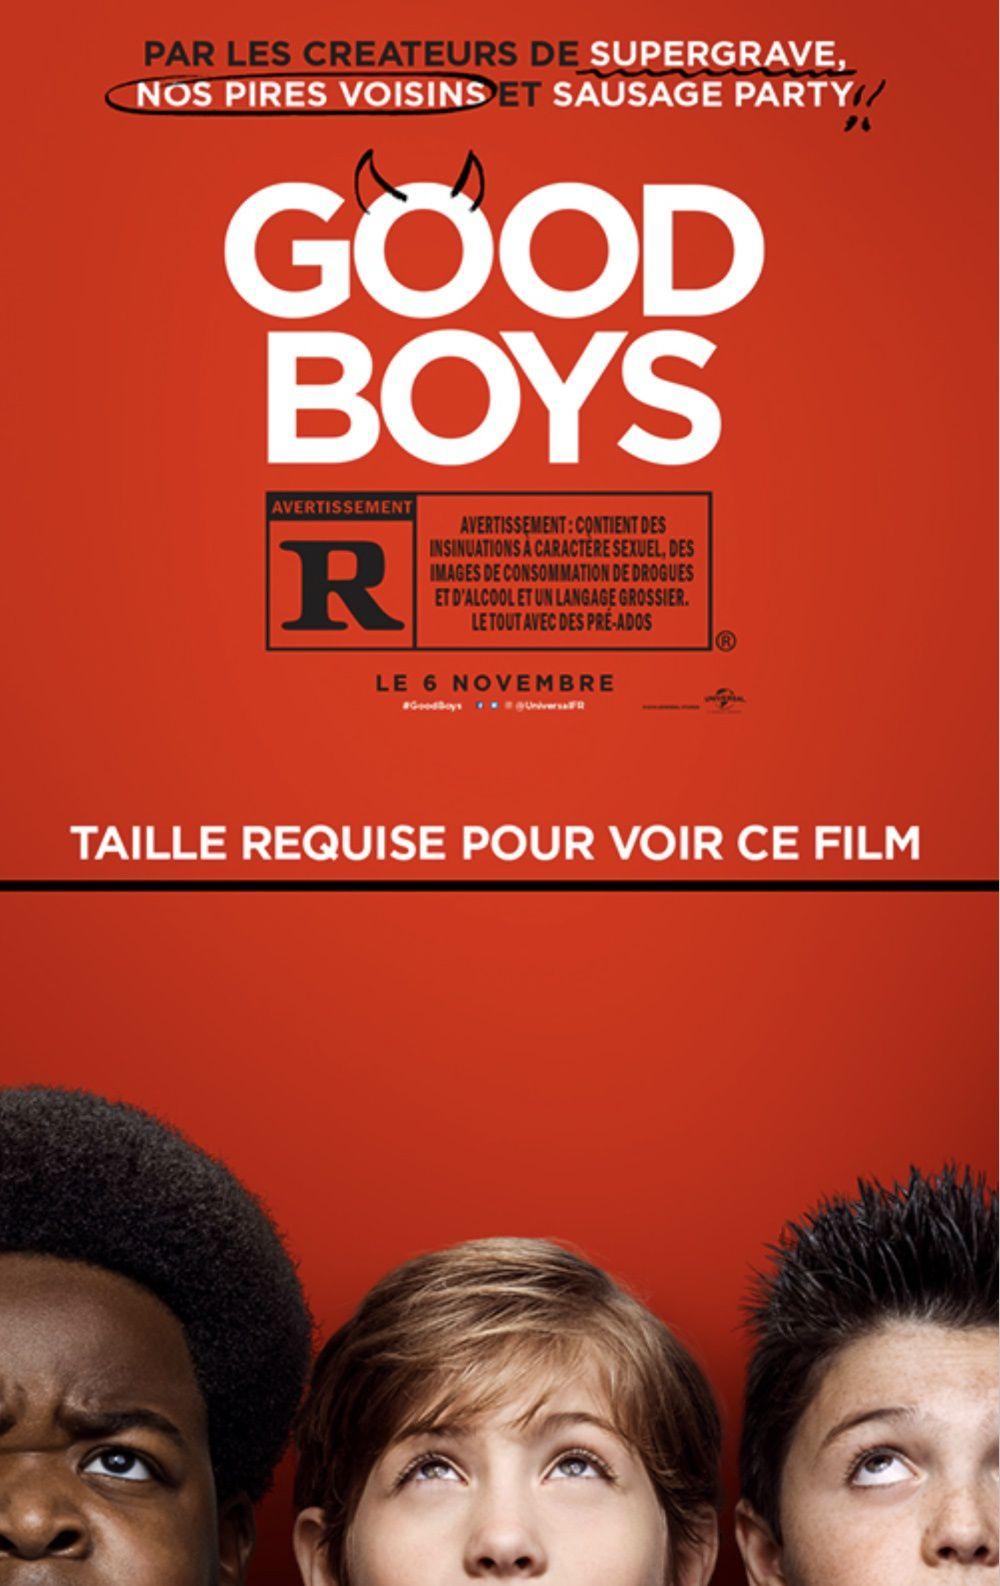 Nouvelle bande-annonce de la comédie Good Boys.